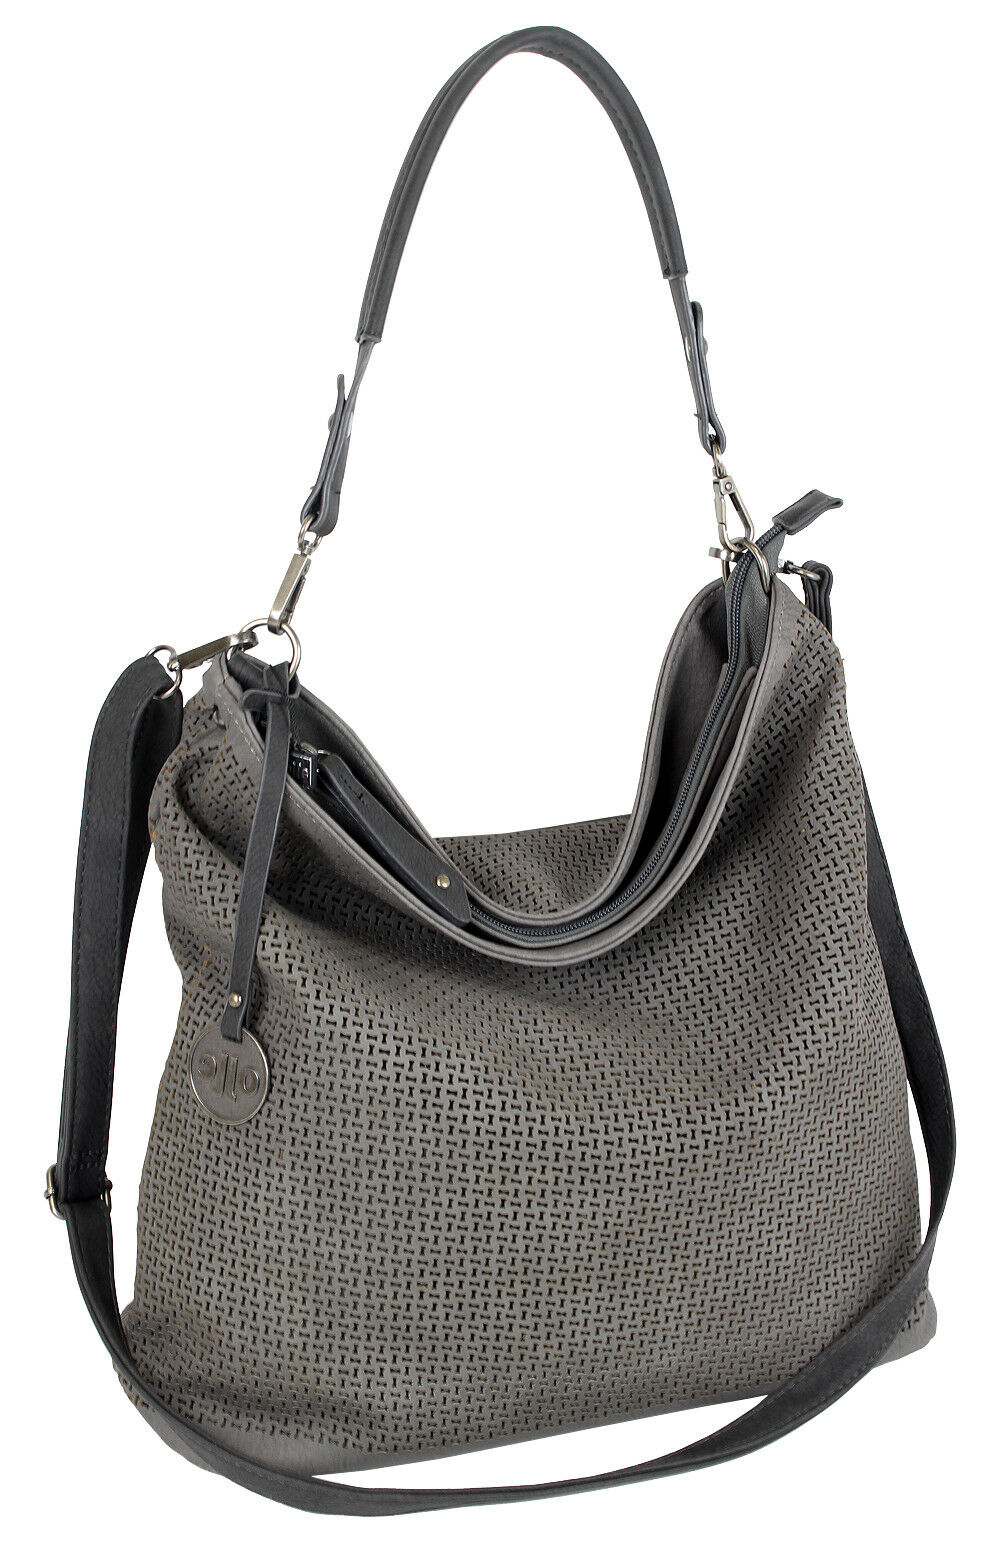 Damen Handtasche Schultertasche große Umhängetasche für Frauen Crossbody Bag